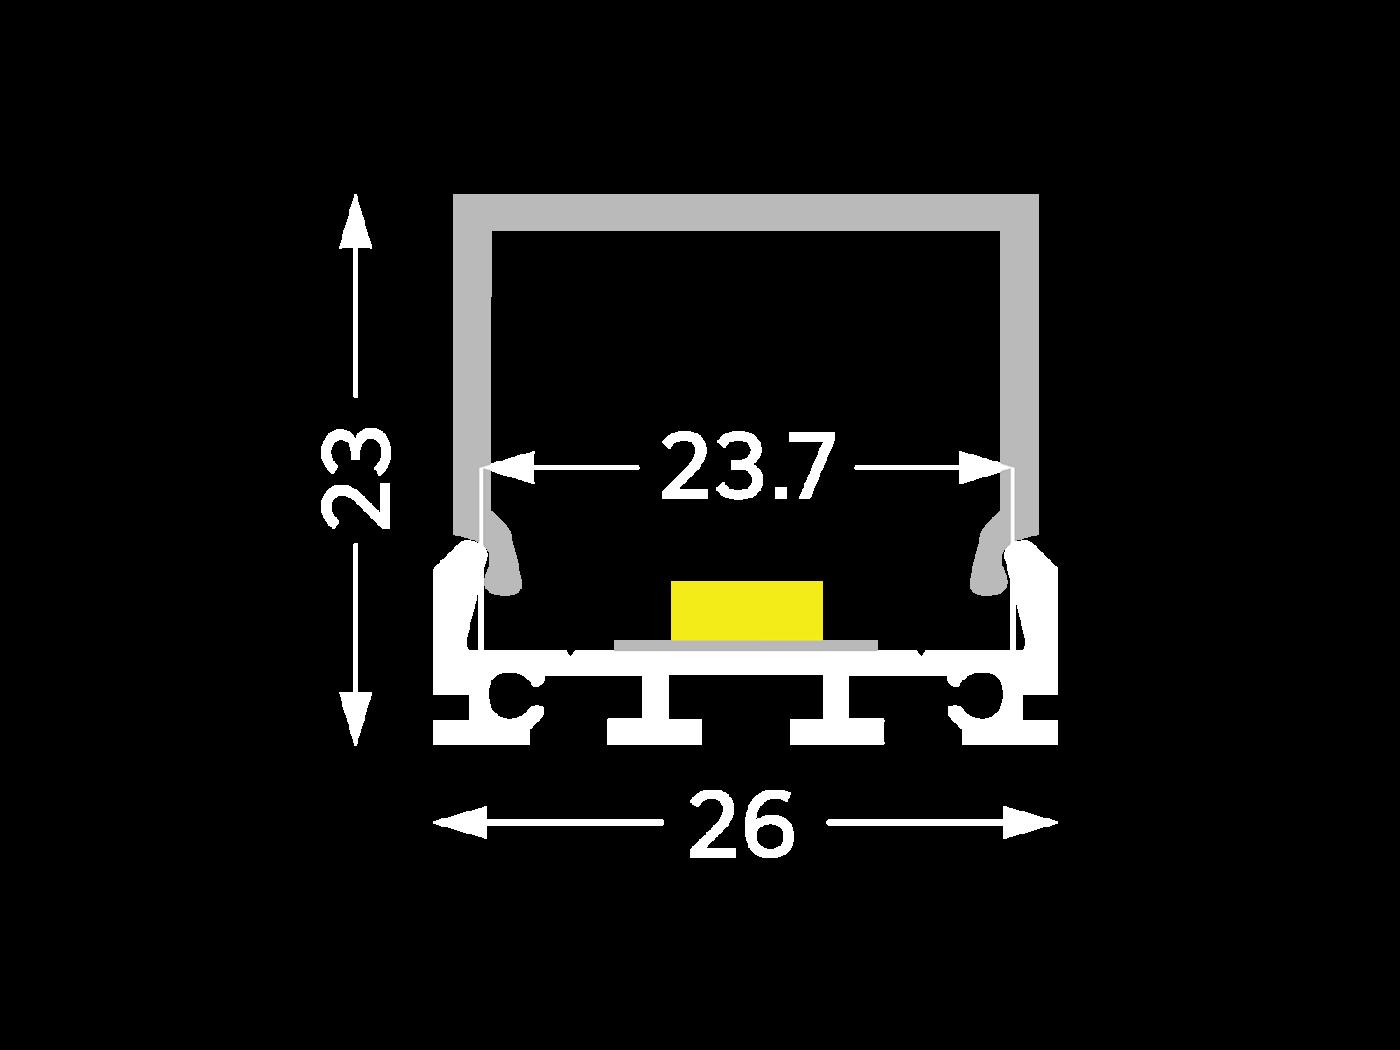 Diagram_Soho180RSQ_1600x1200